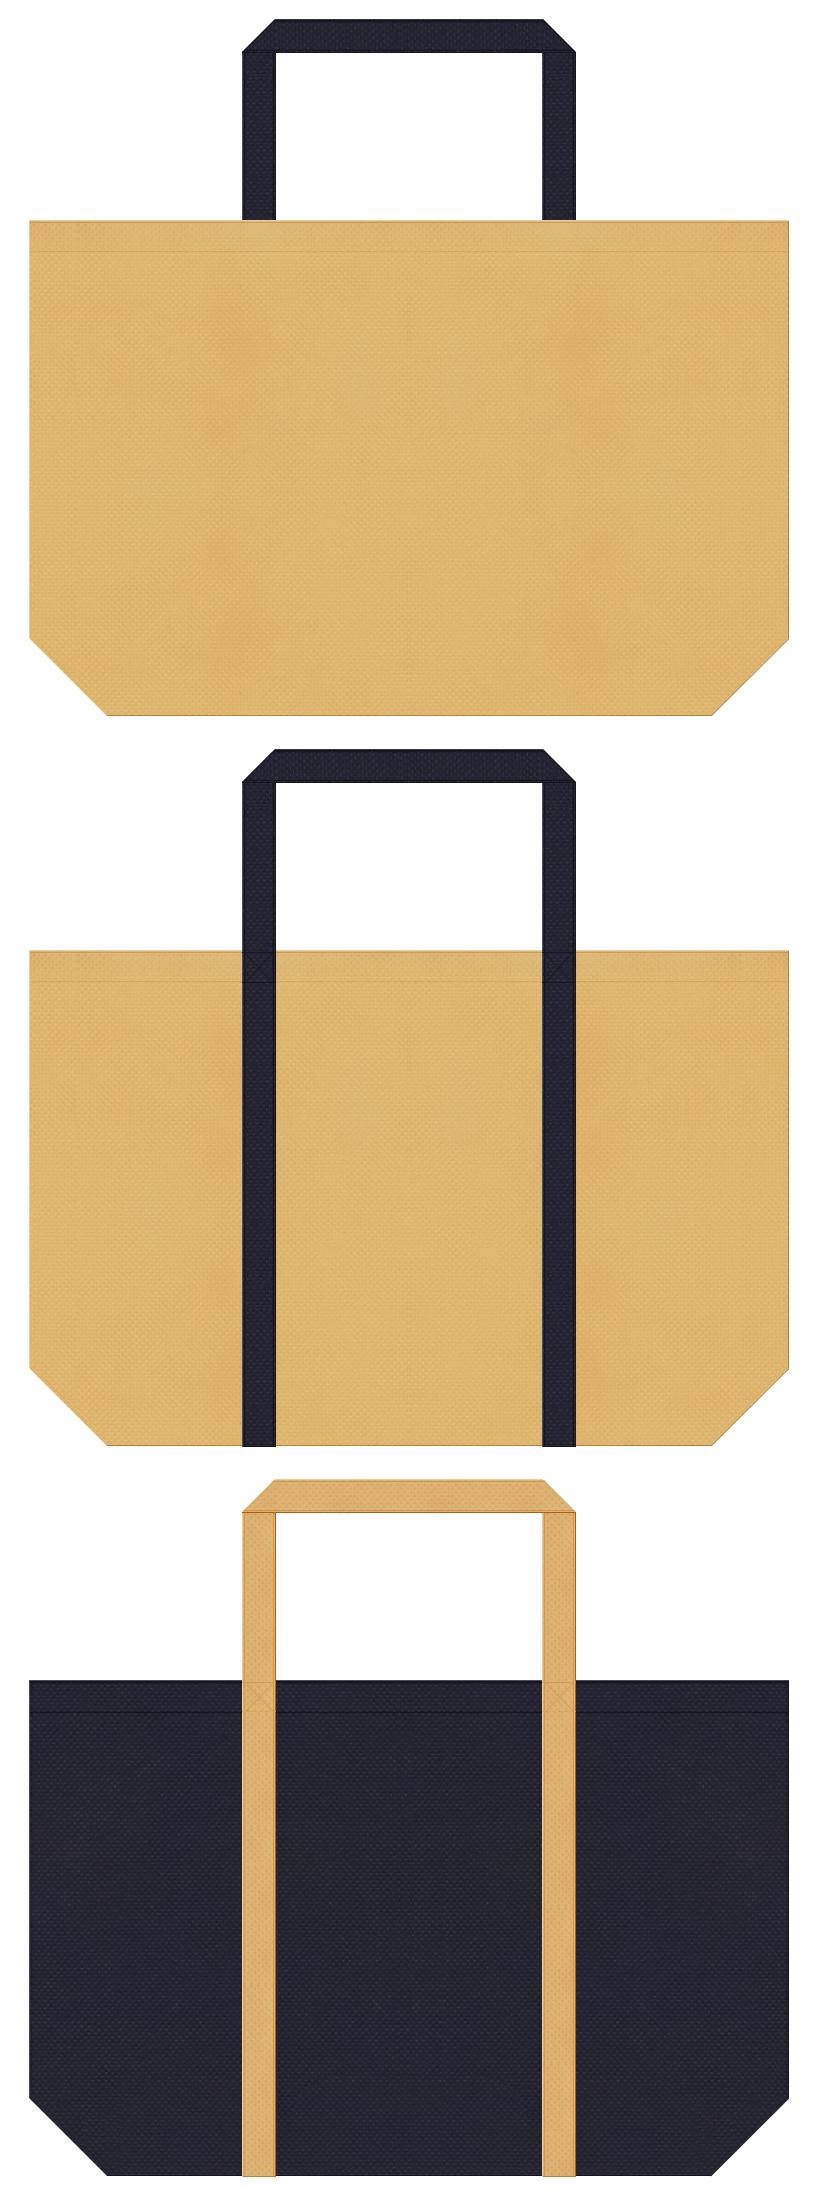 薄黄土色と濃紺色の不織布バッグデザイン。書店のショッピングバッグ・書籍のノベルティにお奨めです。